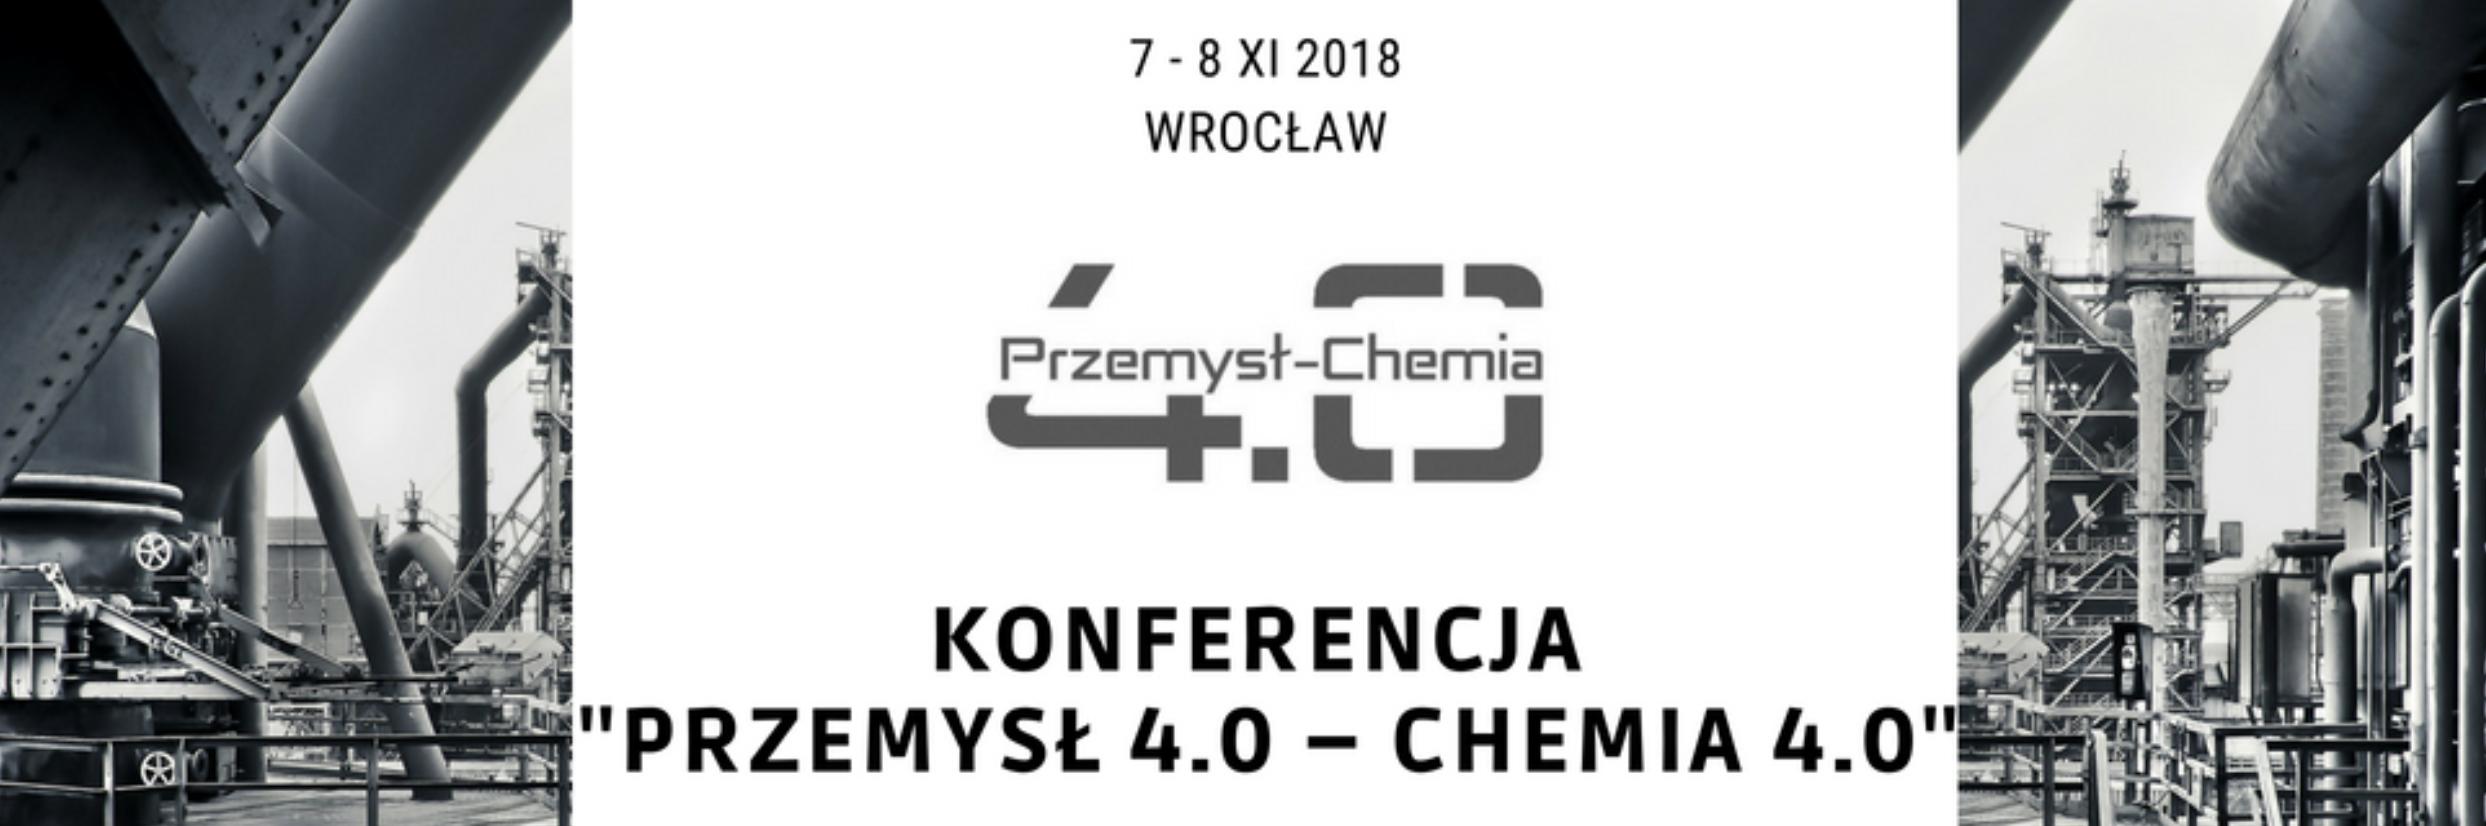 Przemysł 4.0 - Chemia 4.0